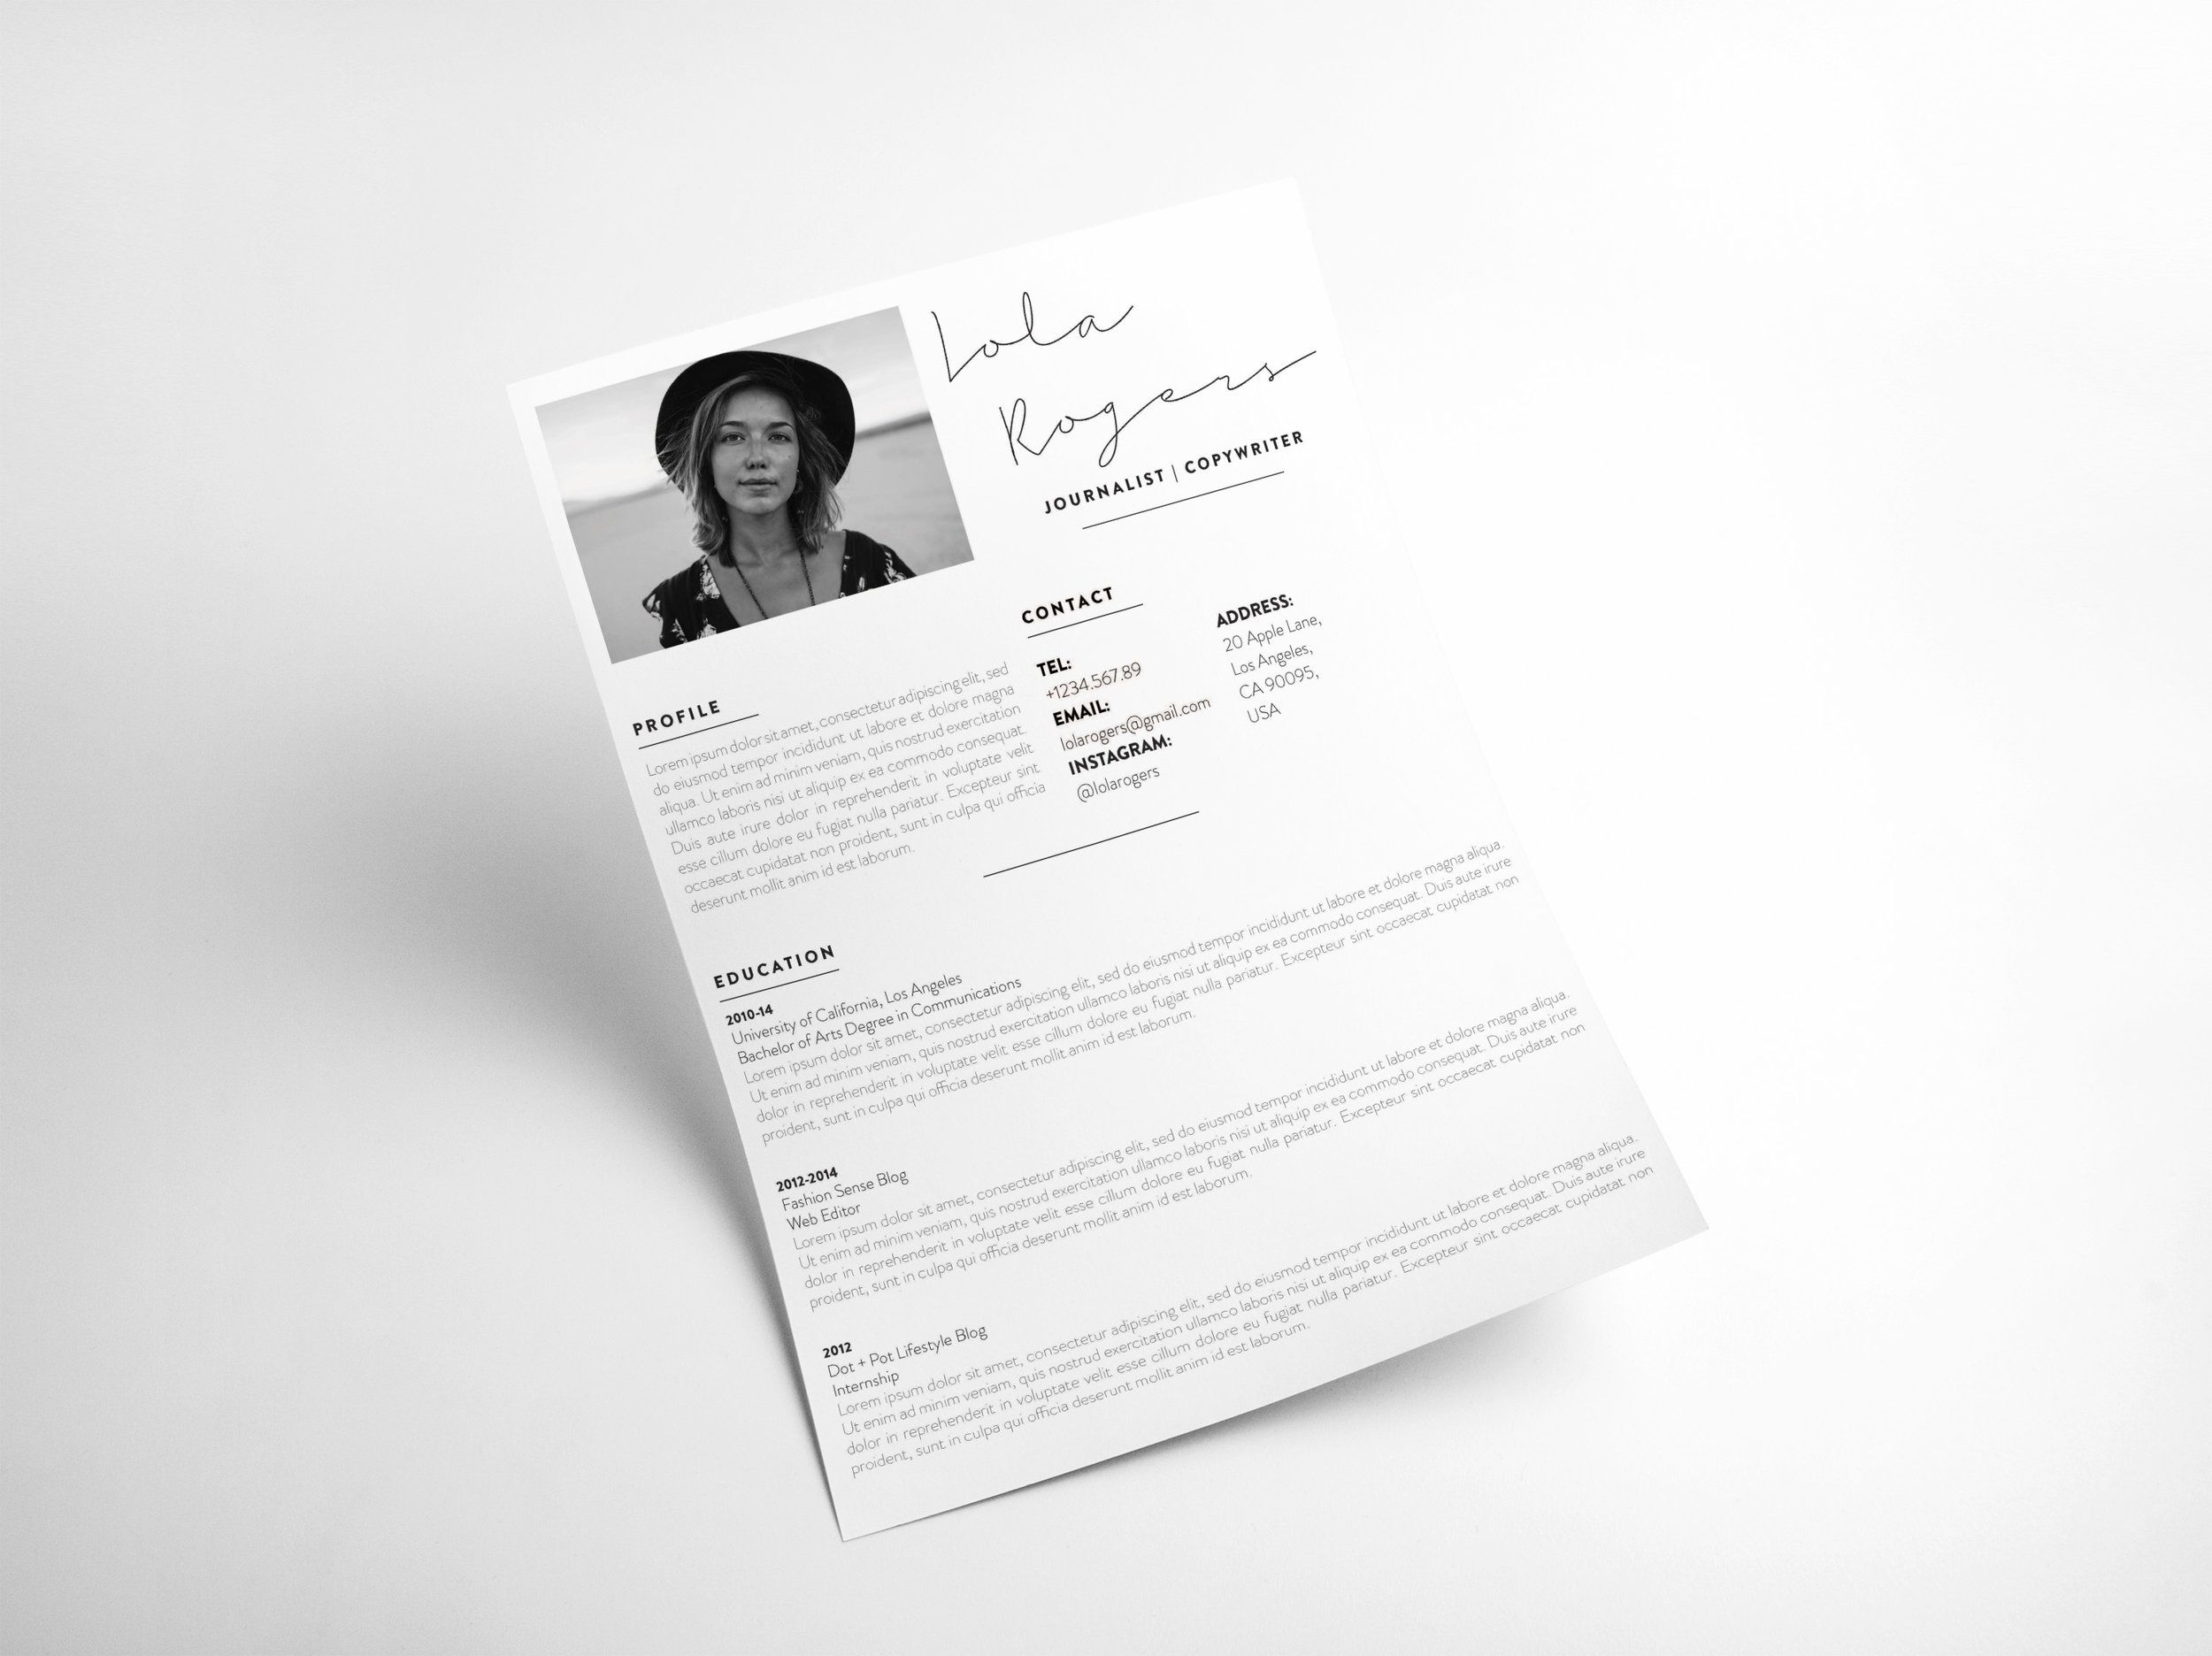 Tolle Beispiel Lebenslauf Stile Bilder - Entry Level Resume Vorlagen ...